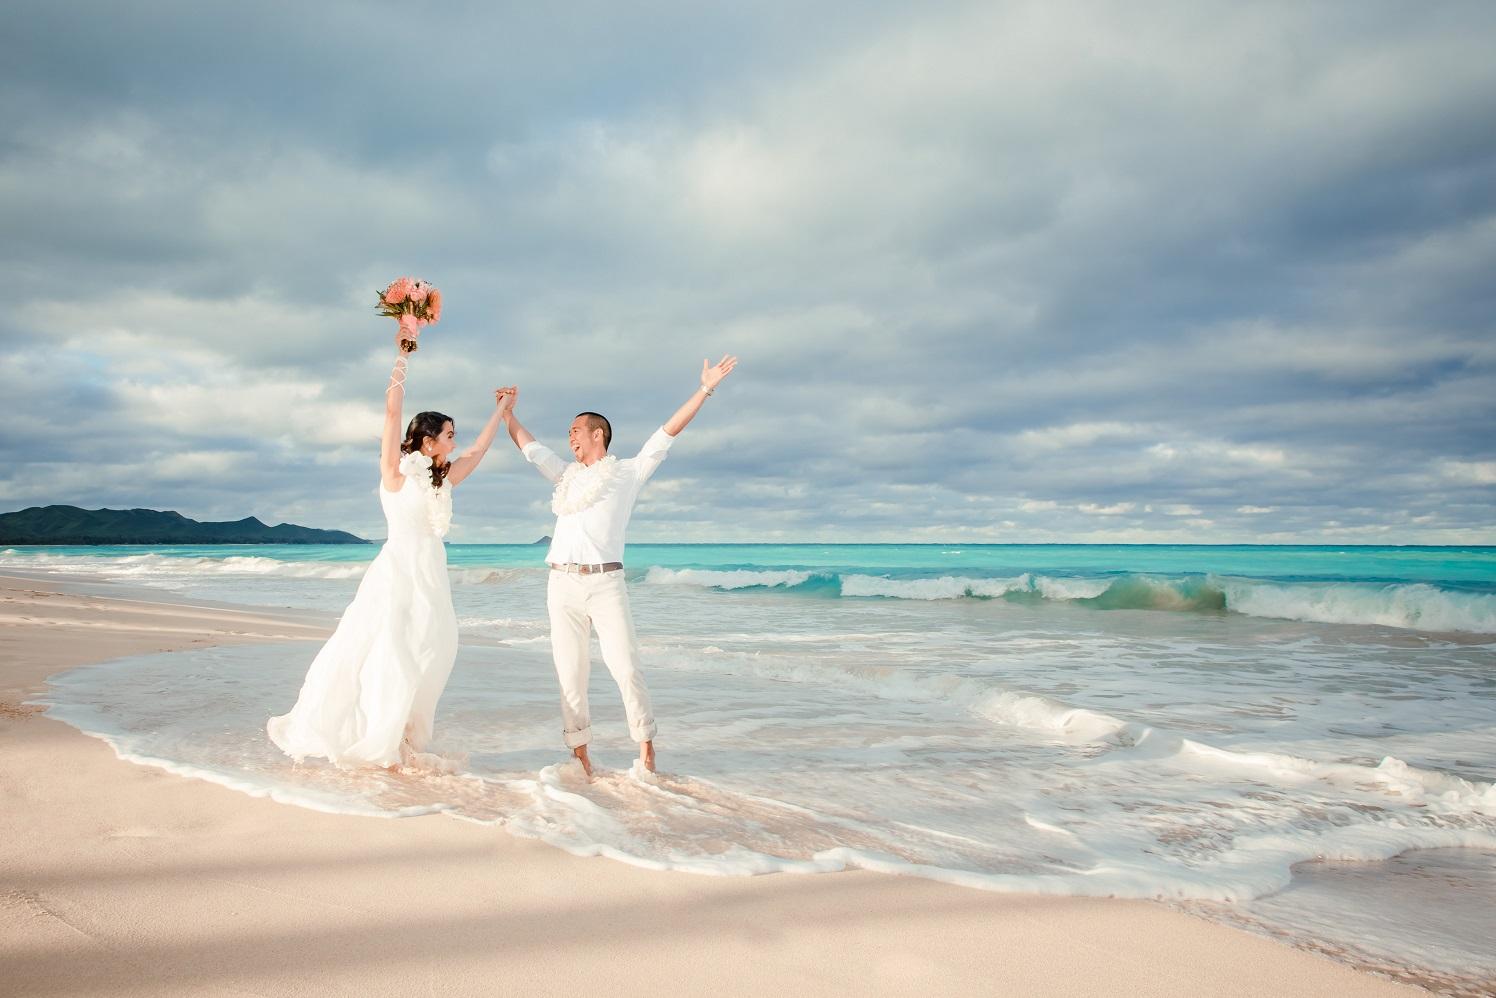 destination wedding photography in hawaii